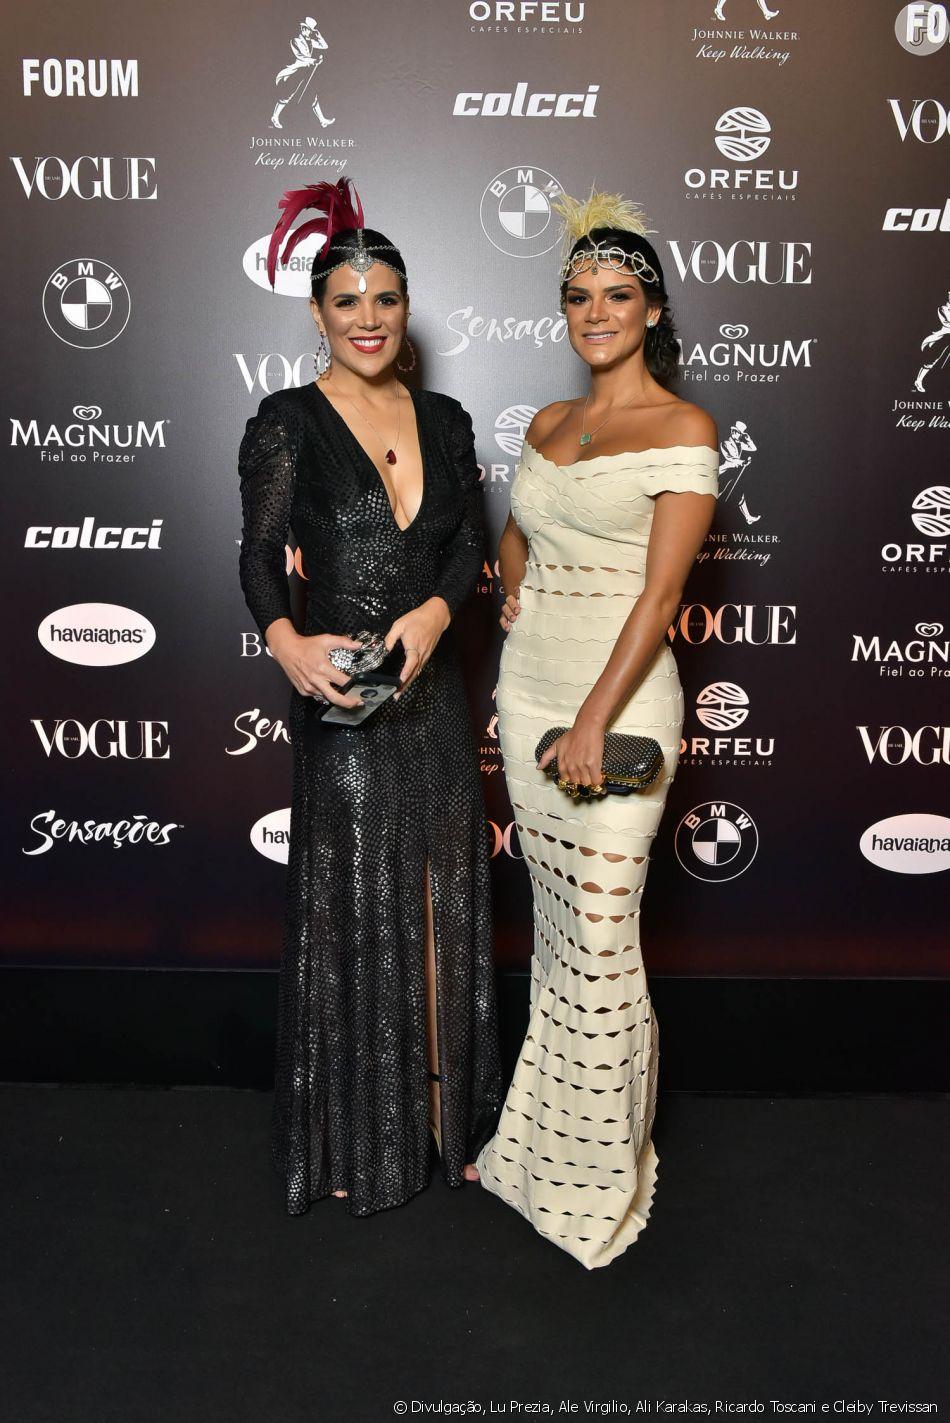 2418f856f8cc1 Baile da Vogue  Marina Figueiredo e Esthela Conde a bordo de vestidos  longos para festa de gala